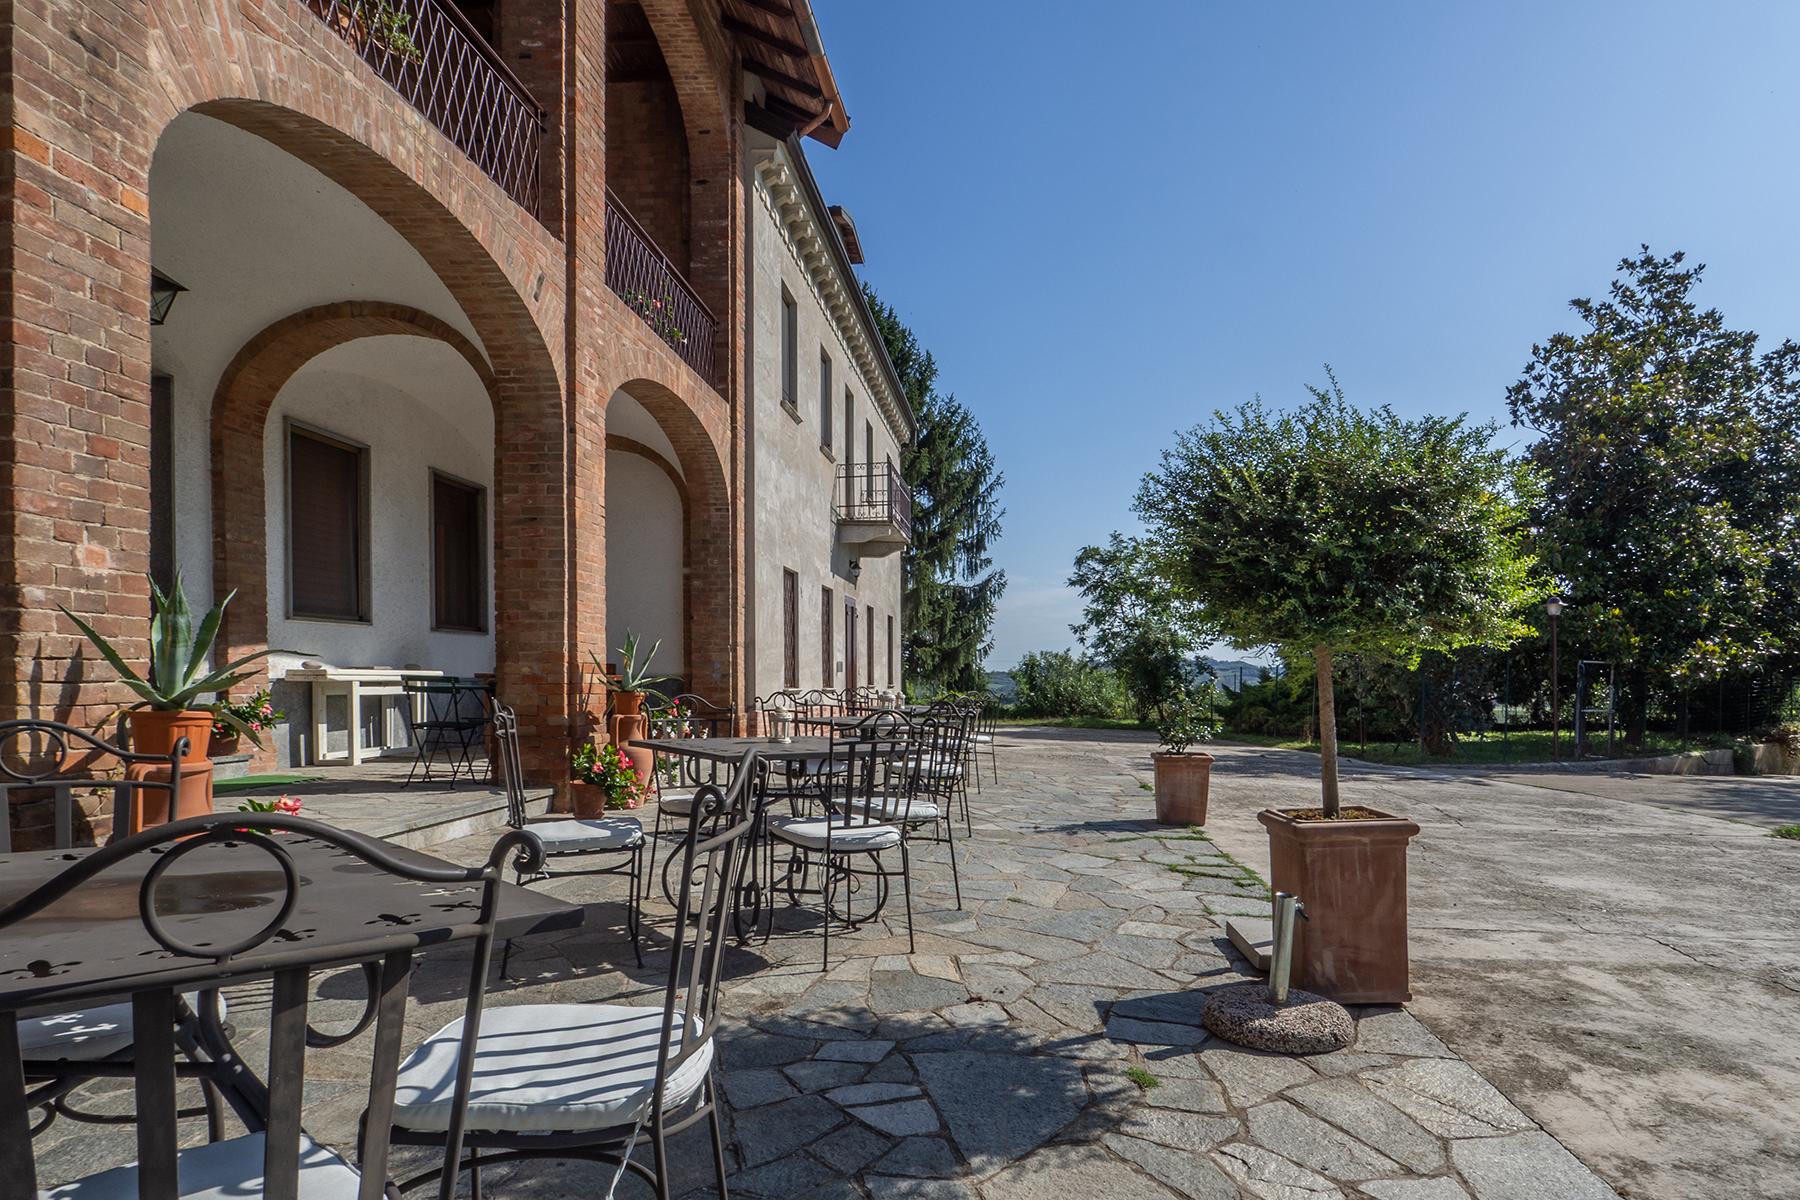 Rustico in Vendita a Sala Monferrato: 5 locali, 1000 mq - Foto 24